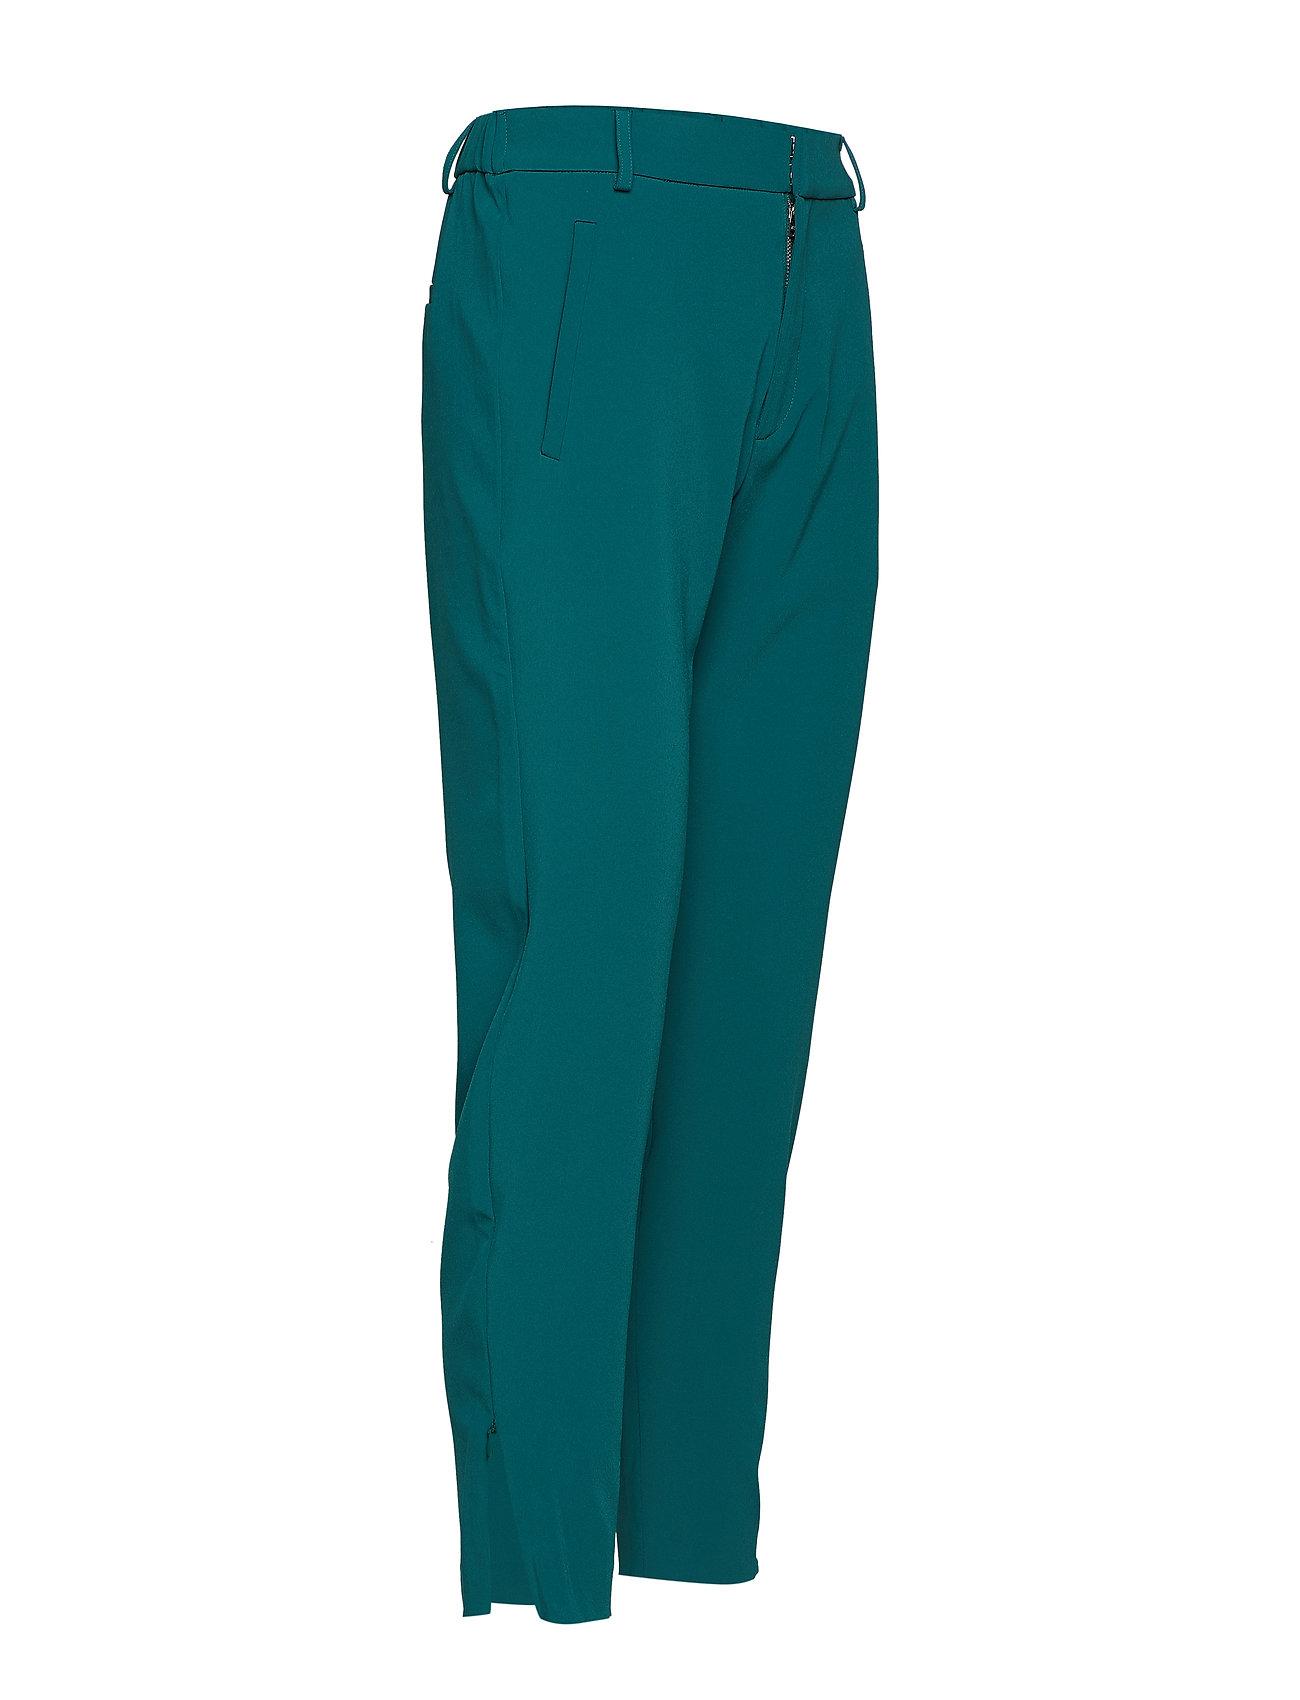 Rib GreenInwear No Nica Pantwarm WIED9H2Y